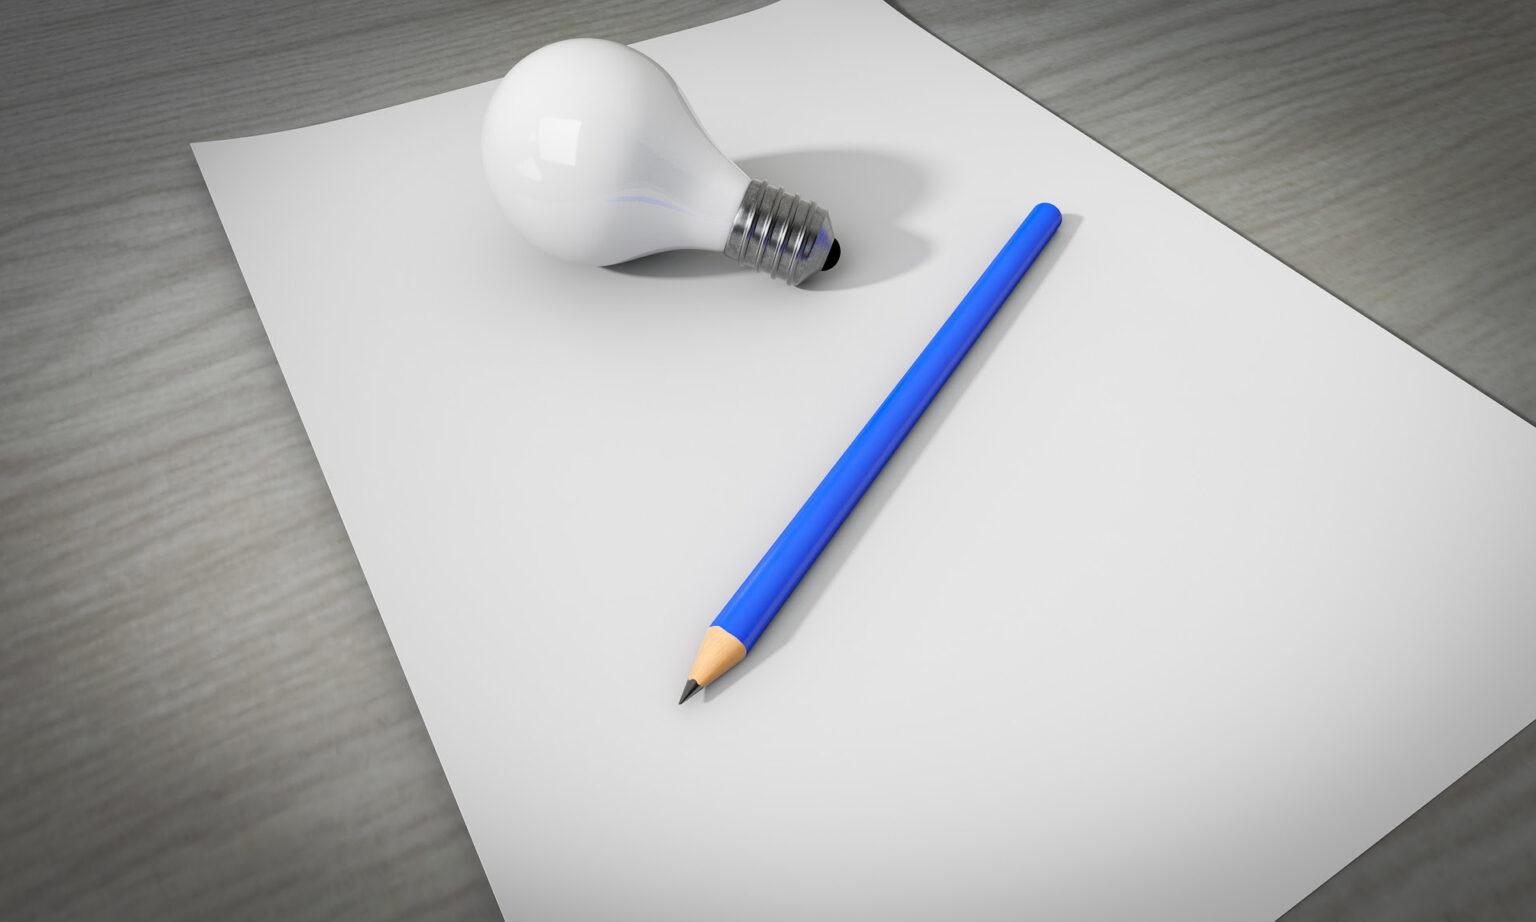 Projeto incentiva estudantes a desenvolverem soluções para o consumo consciente de energia elétrica